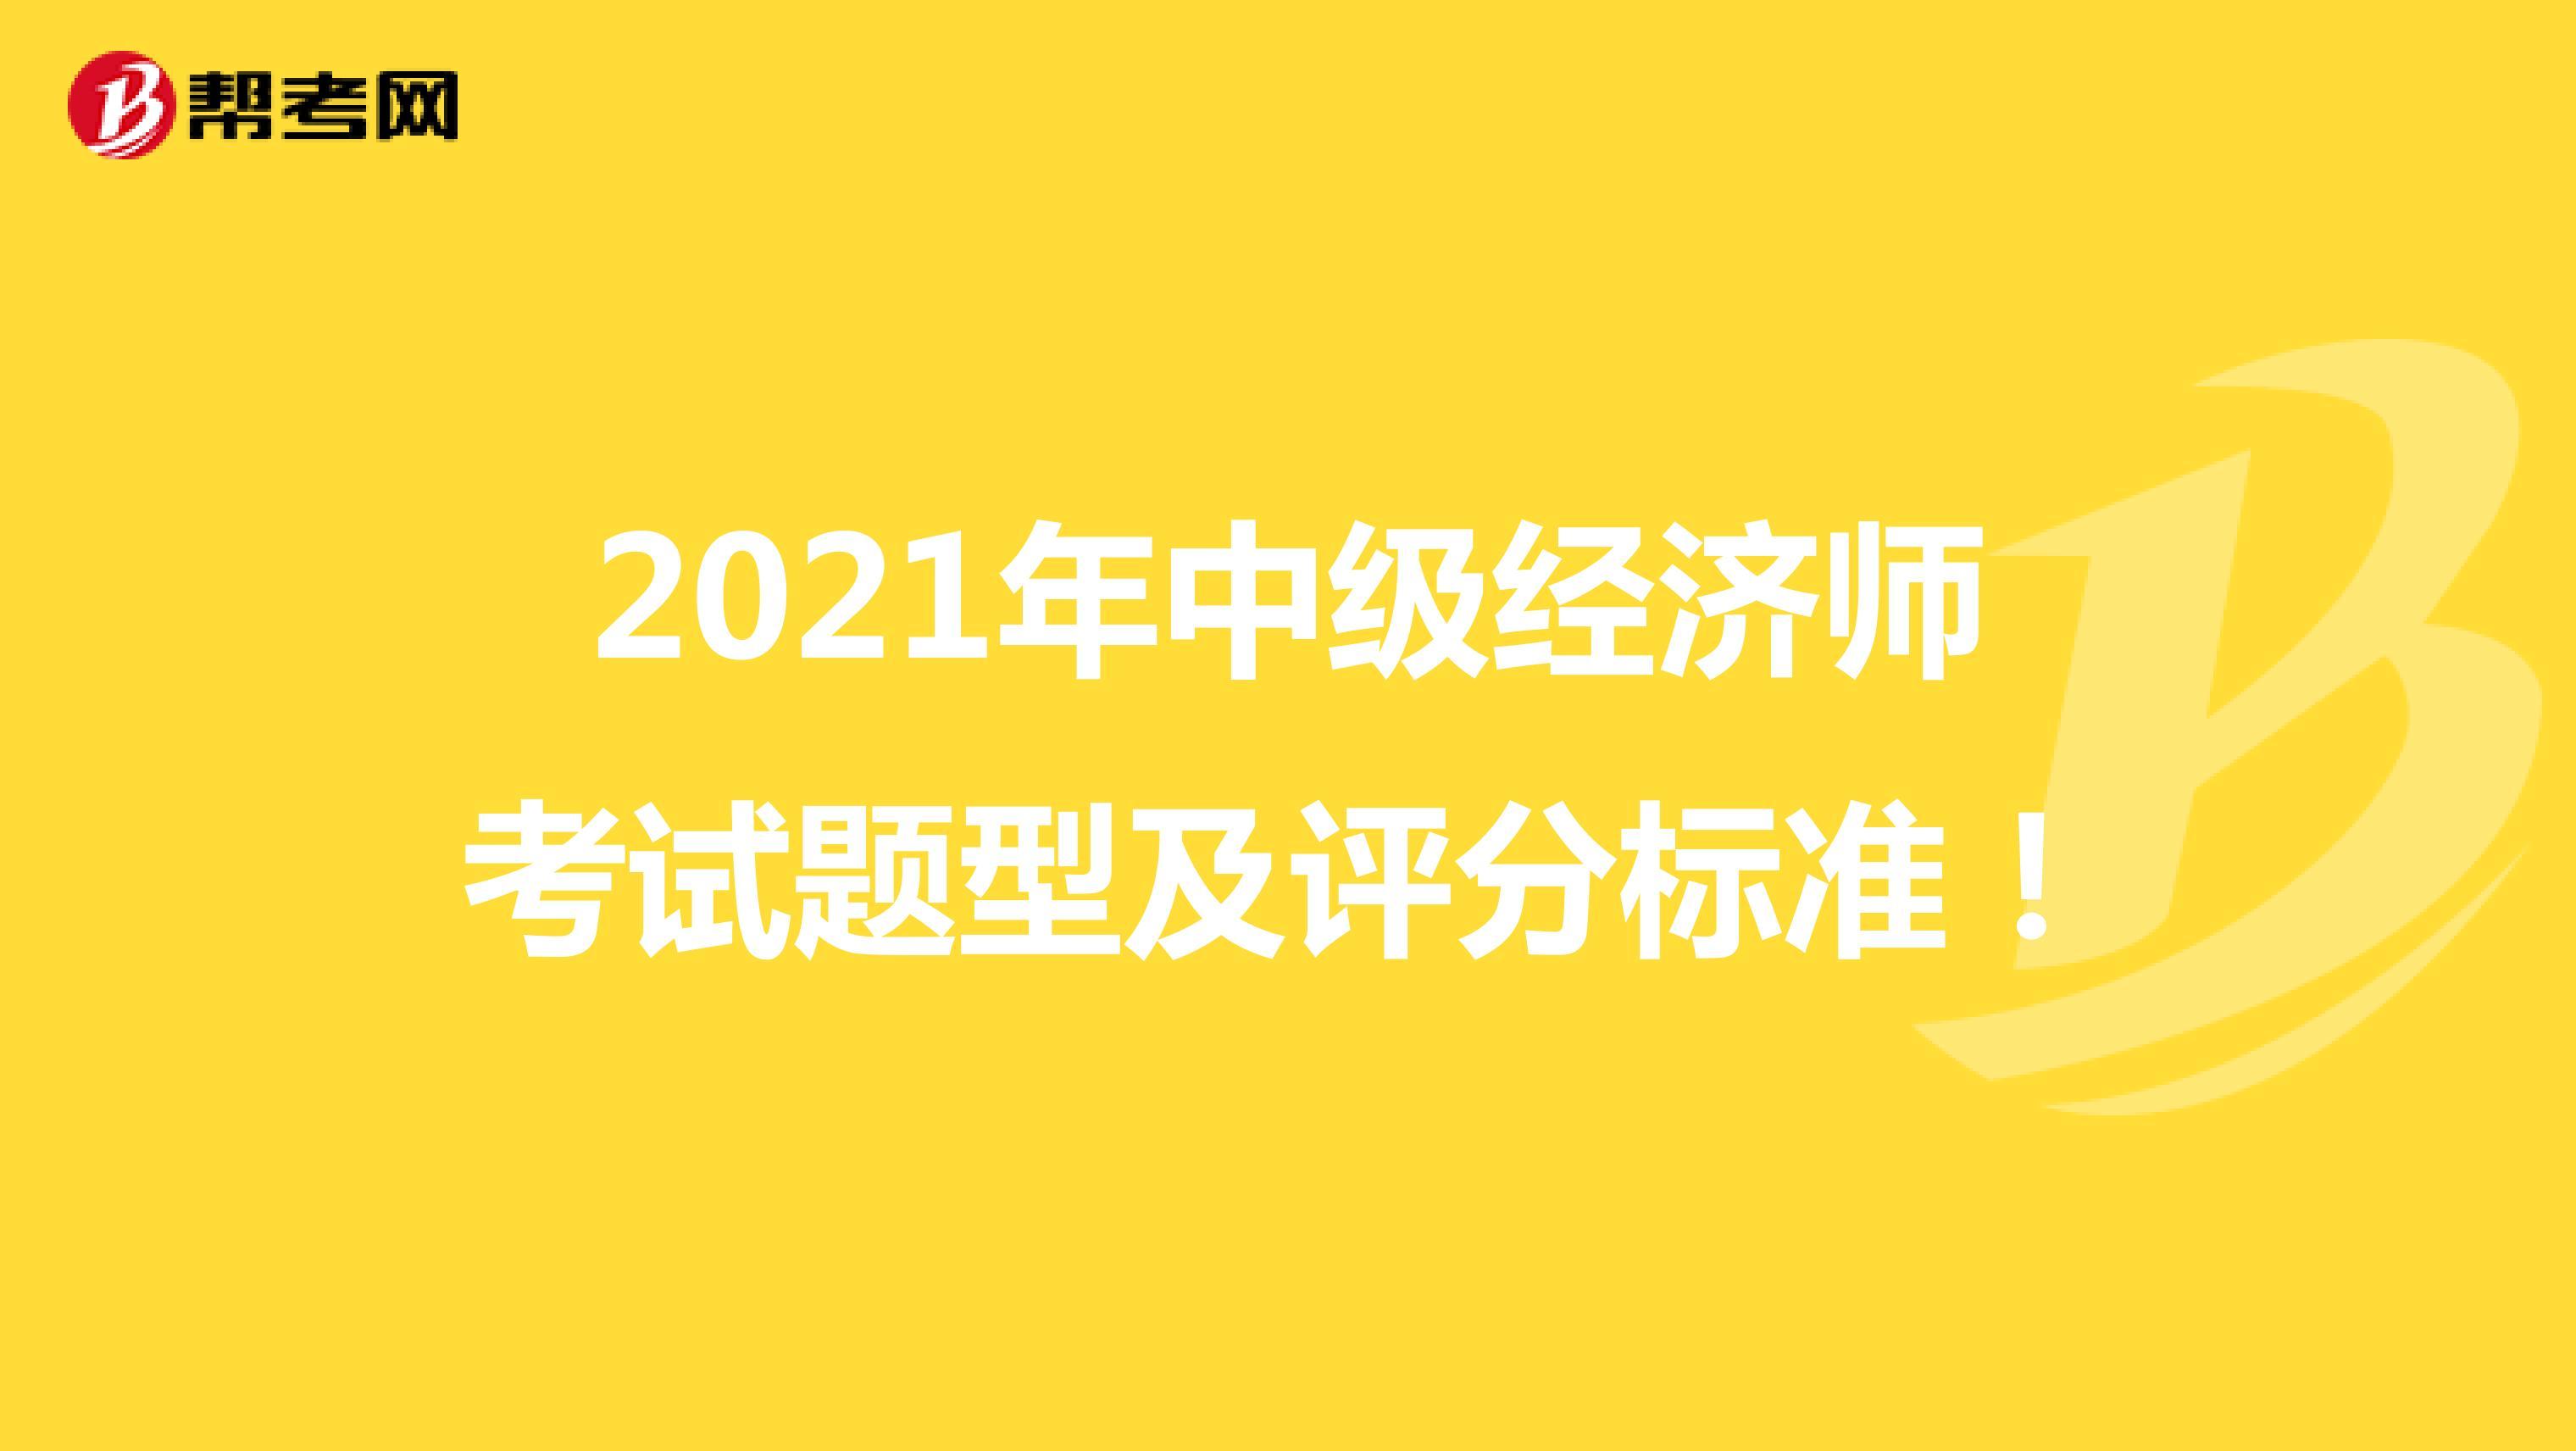 2021年中级经济师考试题型及评分标准!